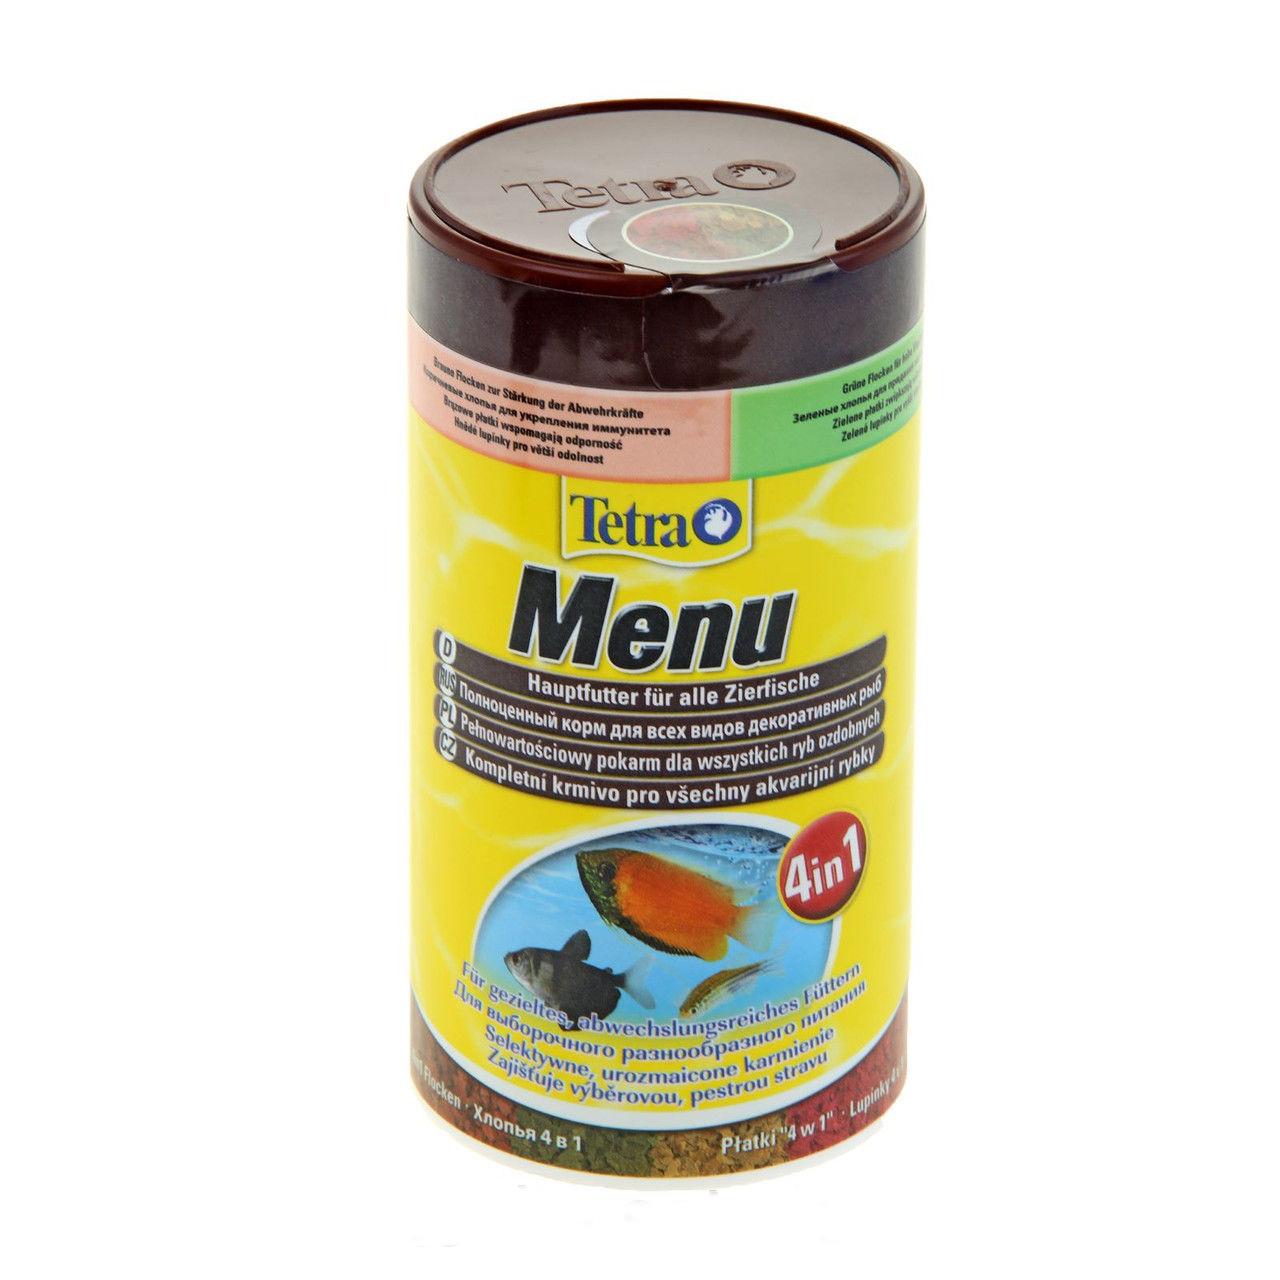 Корм Tetra Menu для всех видов декоративных рыб, 4 вида хлопьев, 250 мл (64 г)767393Корм Tetra Menu предназначен для всех видов декоративных рыб. Это полноценный корм для выборочного кормления, соответствующего потребности рыб. В одной упаковке содержится 4 вида хлопьев: - желтые хлопья с оптимальным соотношением протеинов и жиров для здорового роста, - красные хлопья с усилителями естественного цвета для улучшения окраски, - коричневые хлопья со специальным комплексом витаминов для укрепления иммунитета, - зеленые хлопья с необходимыми растительными питательными веществами для поддержки жизненных сил. Тщательно отобранные специальные хлопья с витаминами, минералами и микроэлементами для разнообразного и сбалансированного питания. Ежедневное кормление позволяет отрегулировать рост питомцев, обеспечить им жизнестойкость и плодовитость. Кормить рыбок нужно 2-3 раза ежедневно маленькими порциями. Состав: рыба и побочные рыбные продукты, зерновые культуры, дрожжи, экстракты растительного белка, моллюски и...